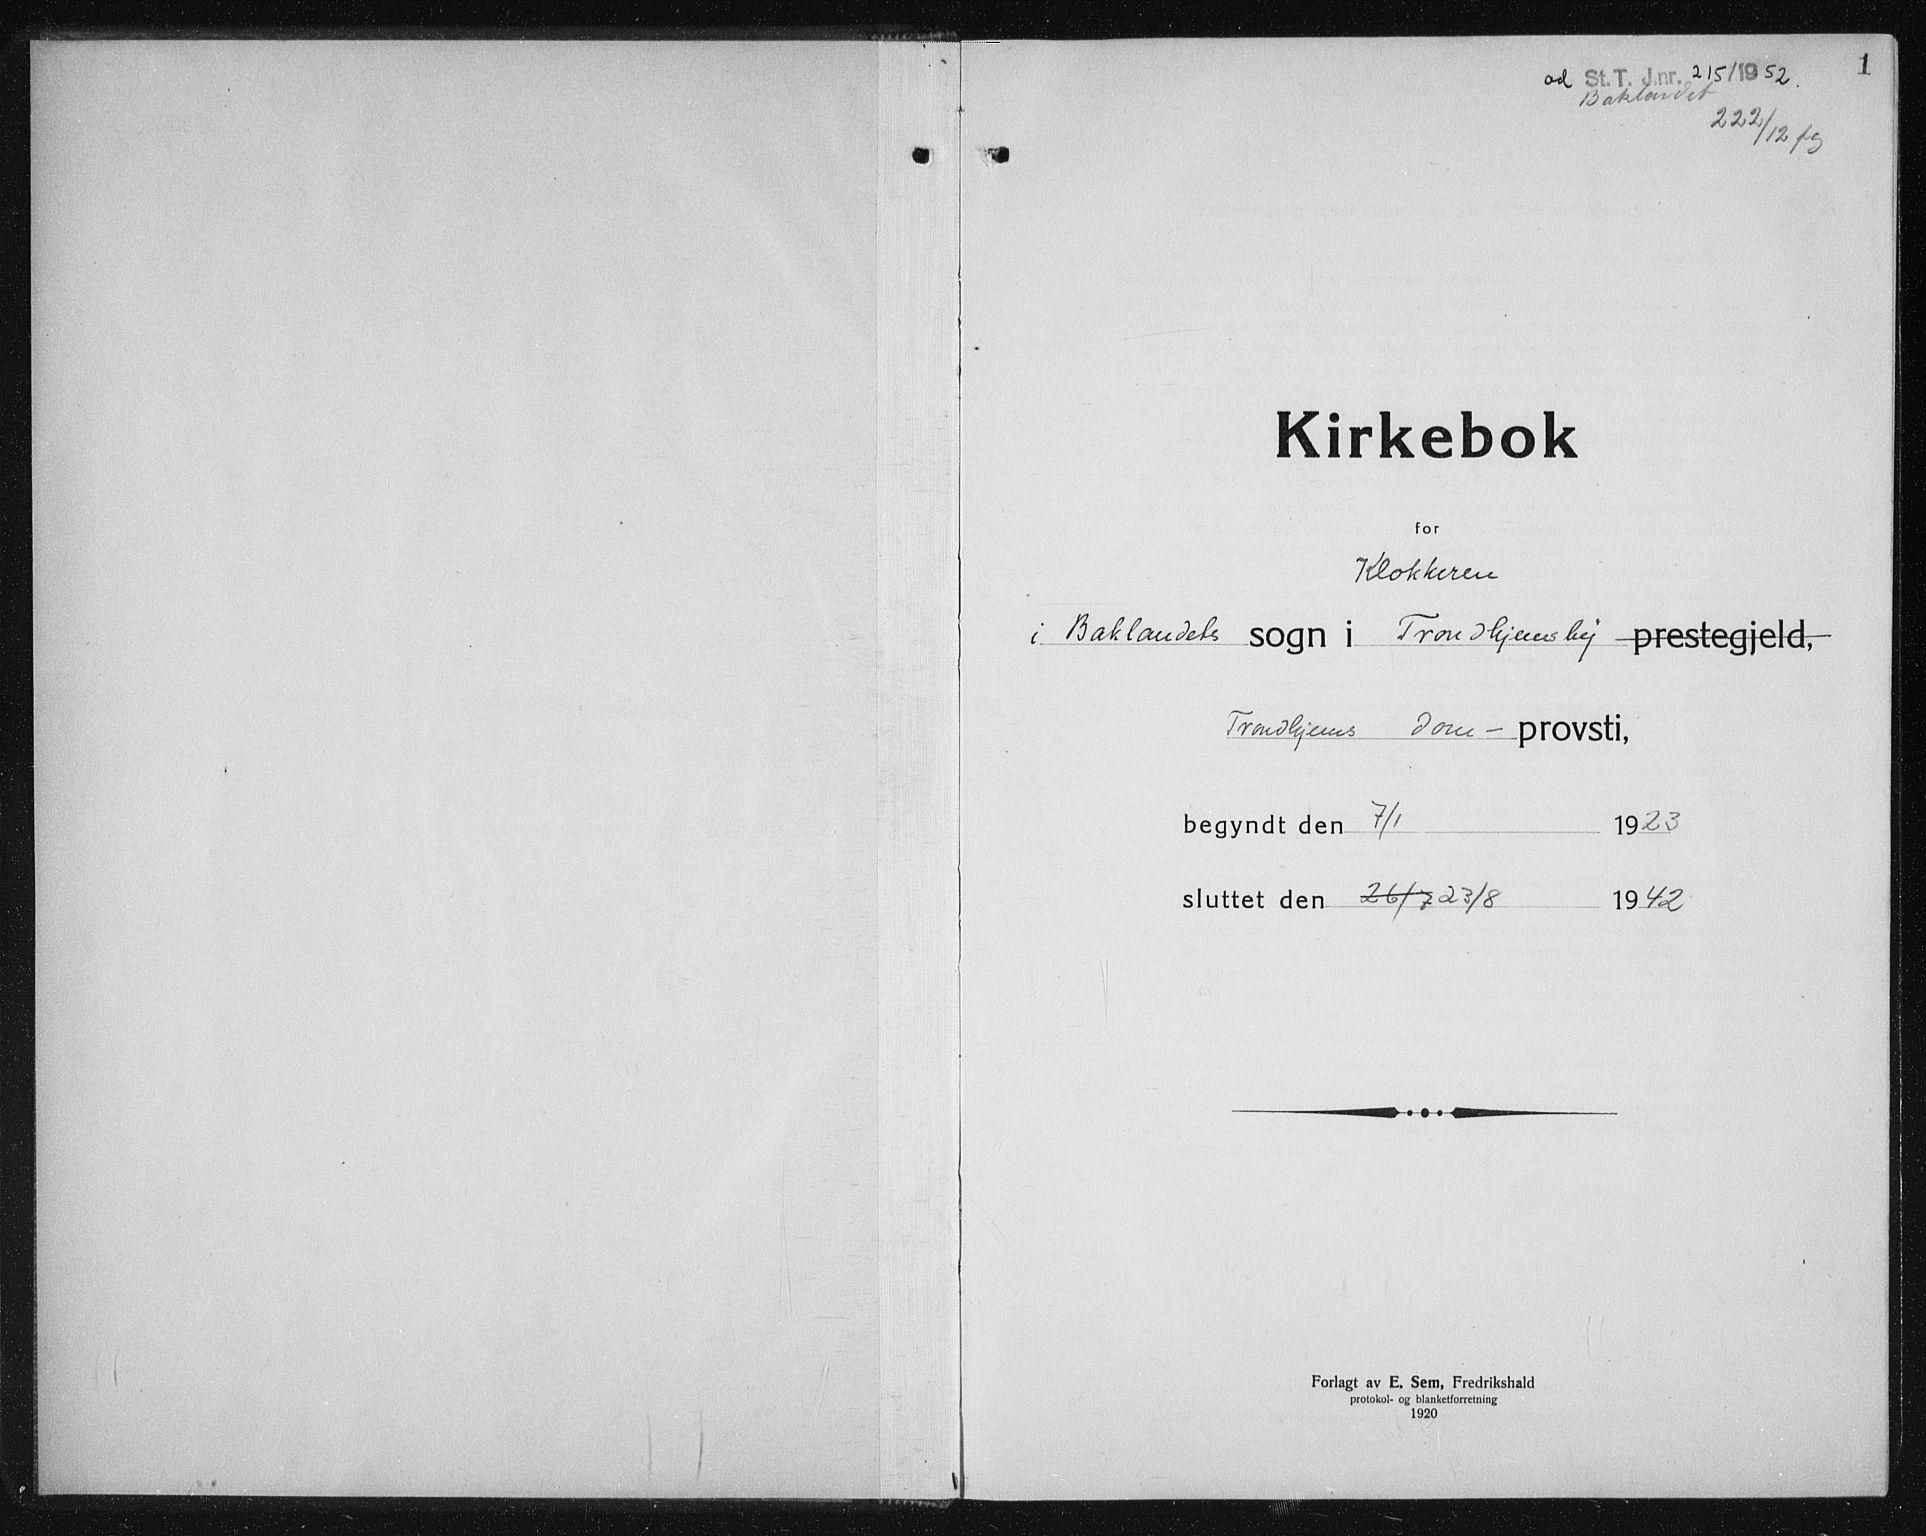 SAT, Ministerialprotokoller, klokkerbøker og fødselsregistre - Sør-Trøndelag, 604/L0227: Klokkerbok nr. 604C10, 1923-1942, s. 1